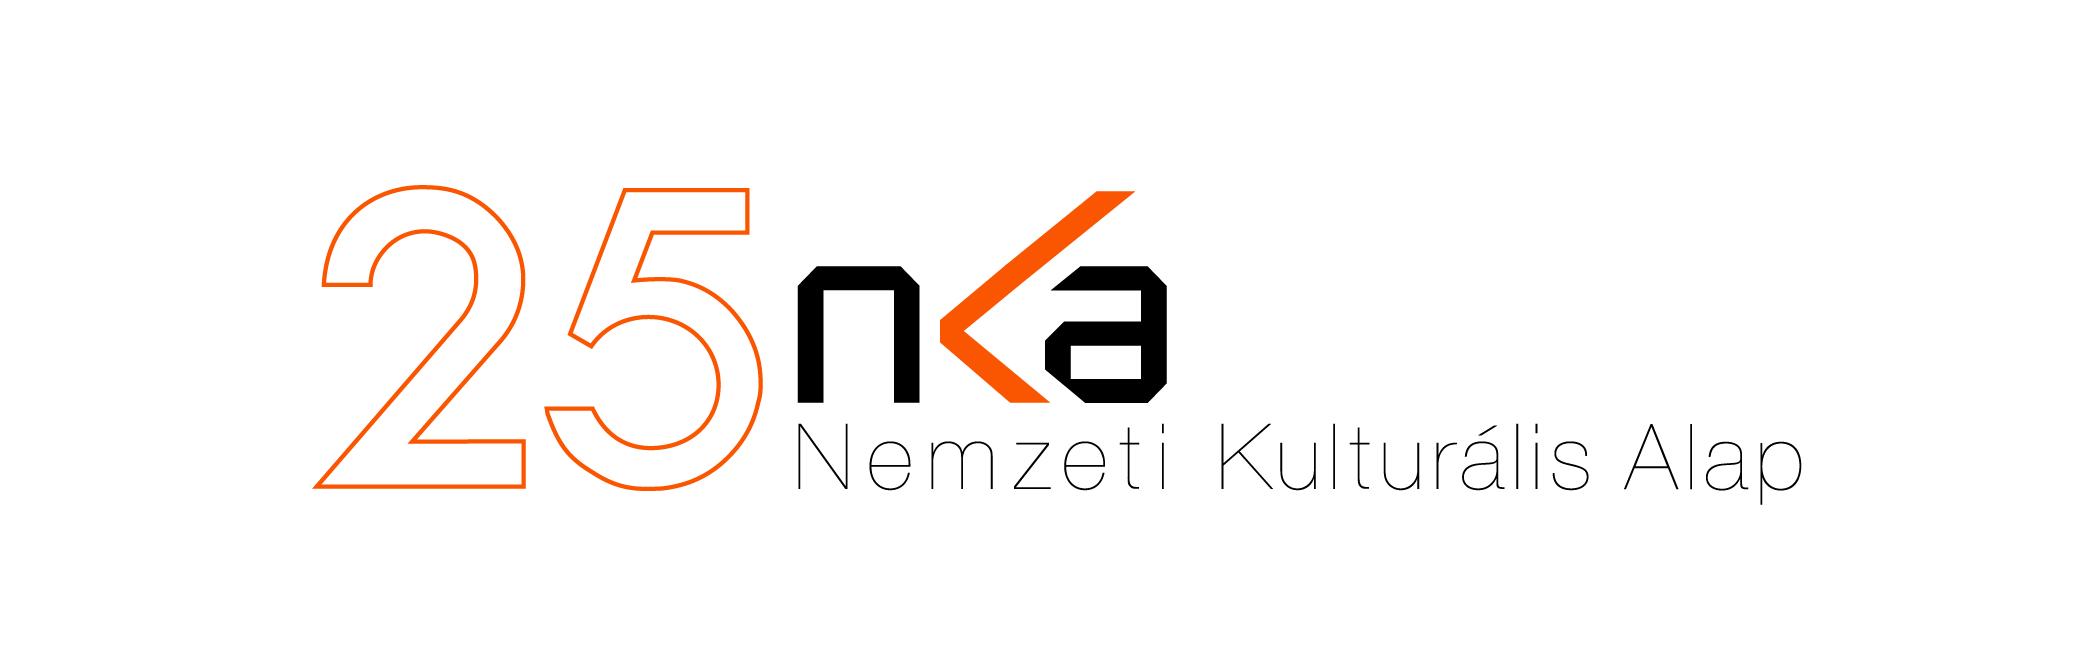 NKA_25_eves_logo_szines_CMYK.jpg